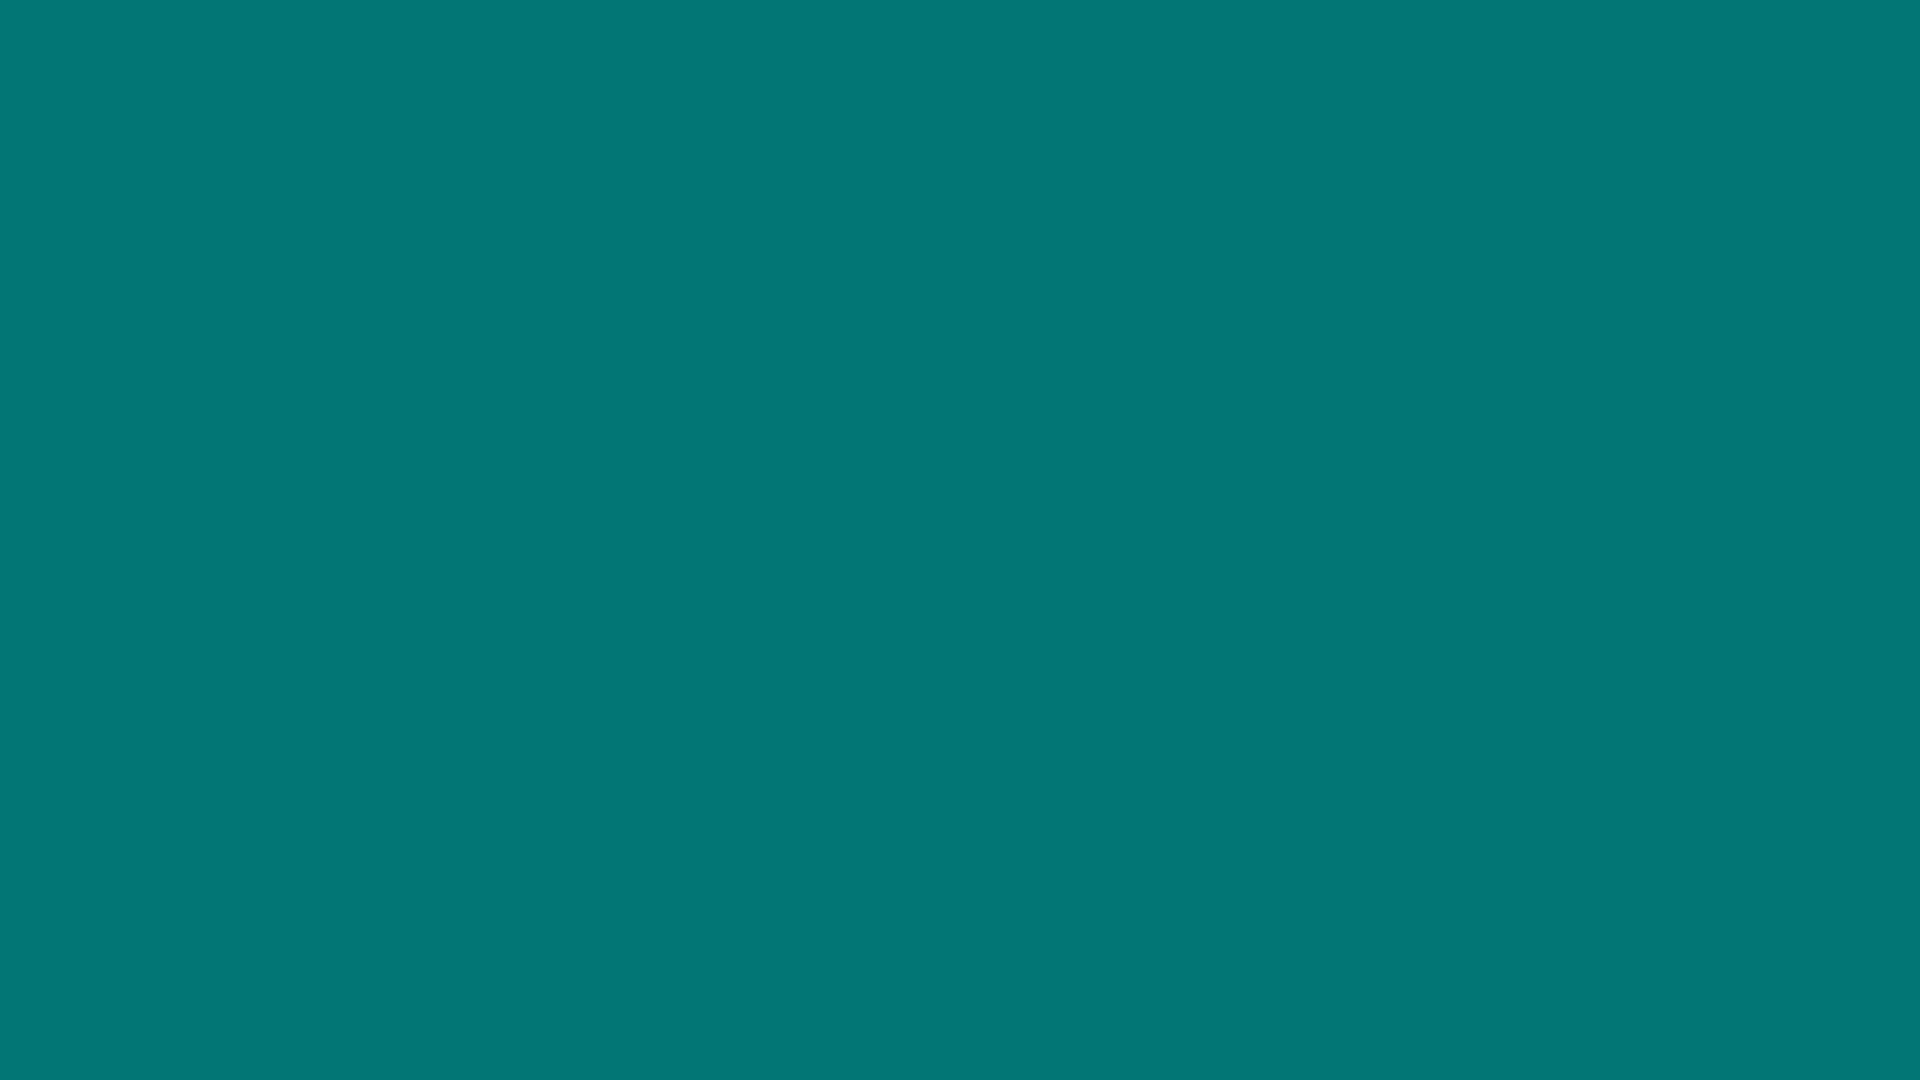 """[중앙일보] ⑥ """"이제는 아시아 시대"""" – 서울대 아시아연구소 기획 ⑥ 국가 간 이주 부작용 해법"""